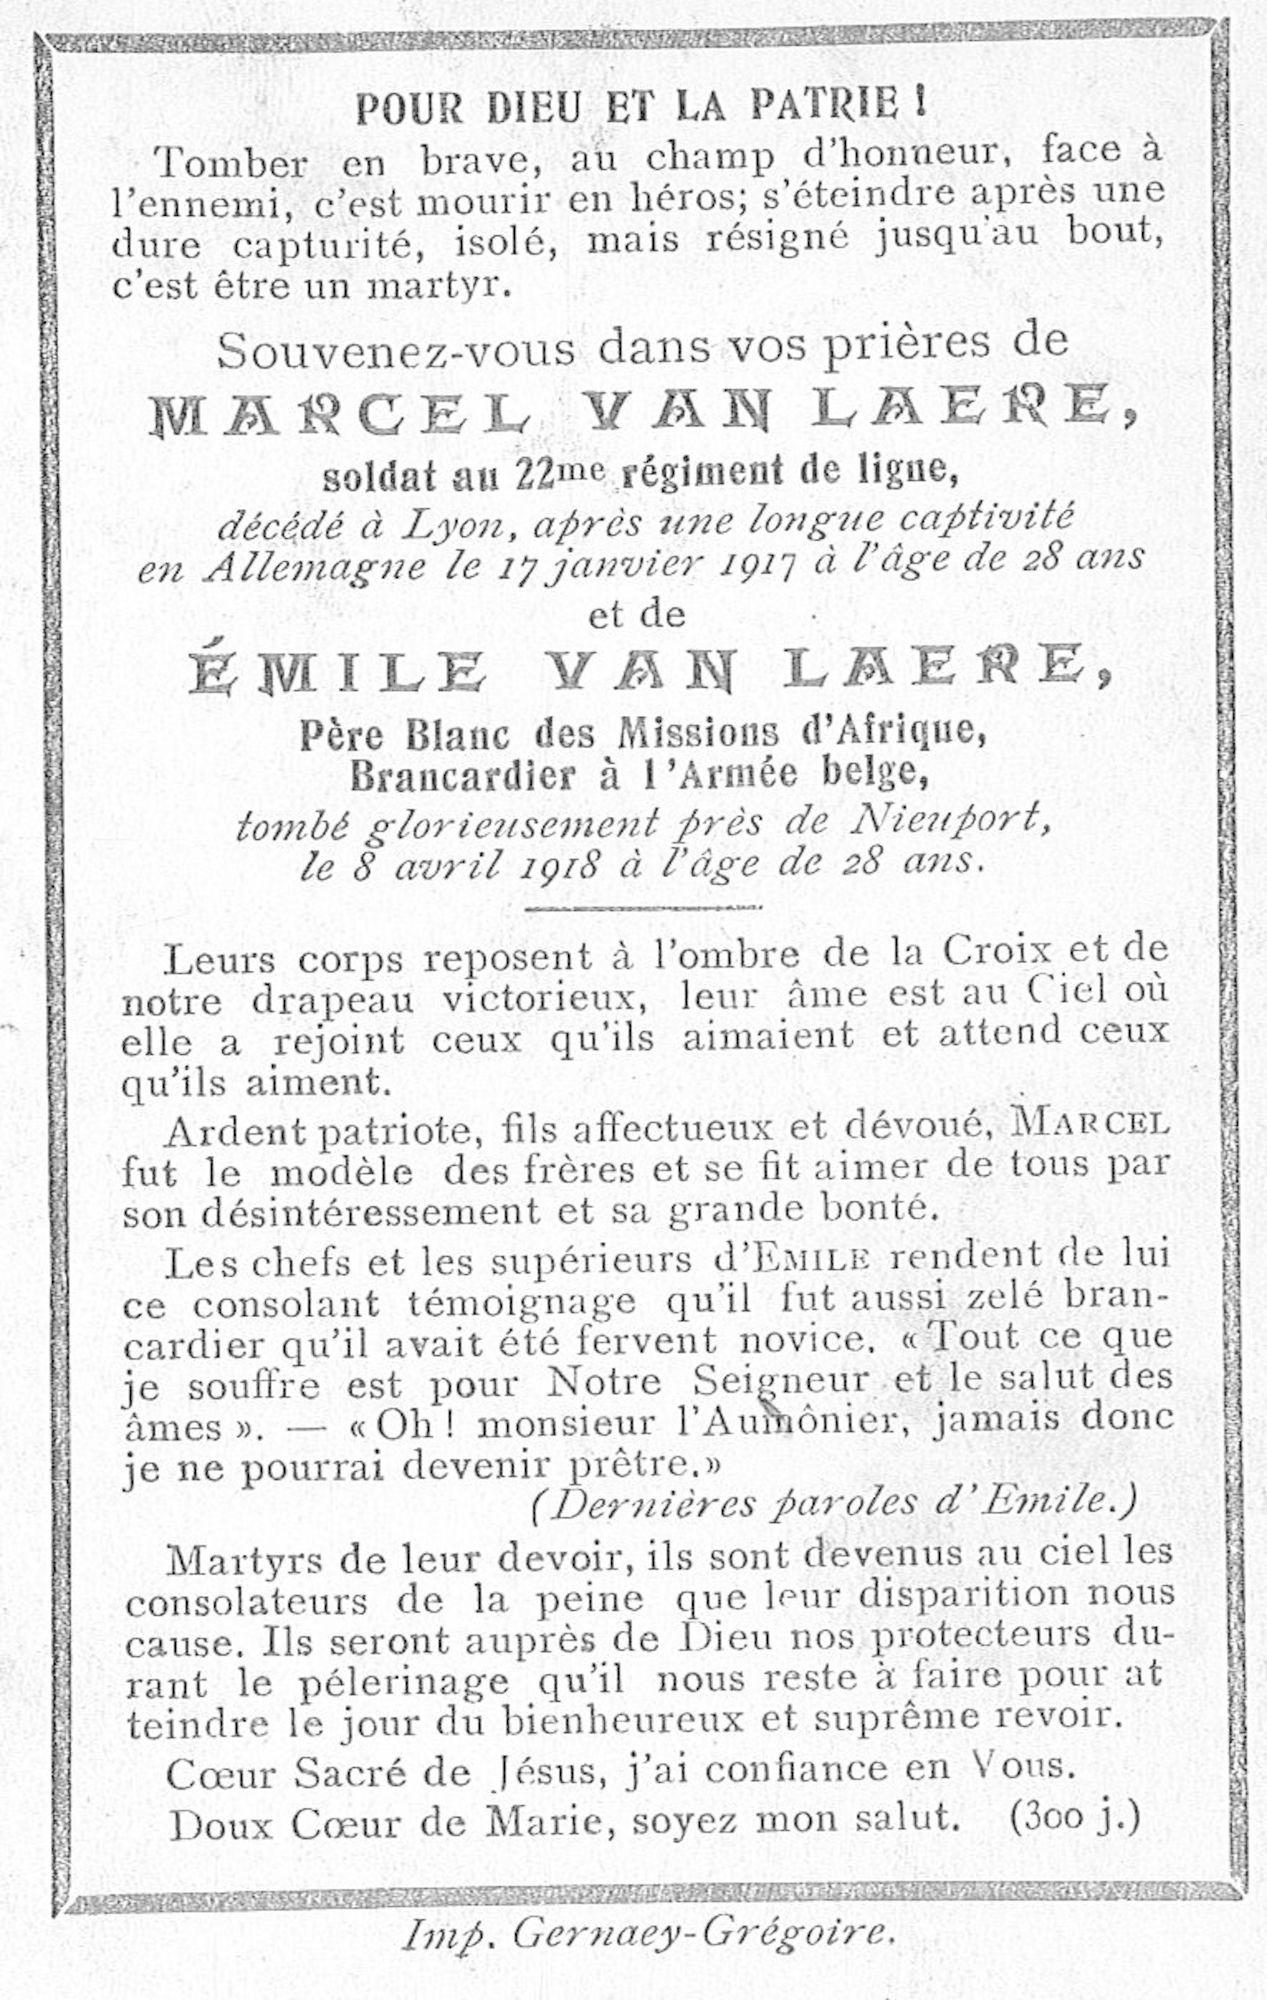 Van Laere Marcel en Emile